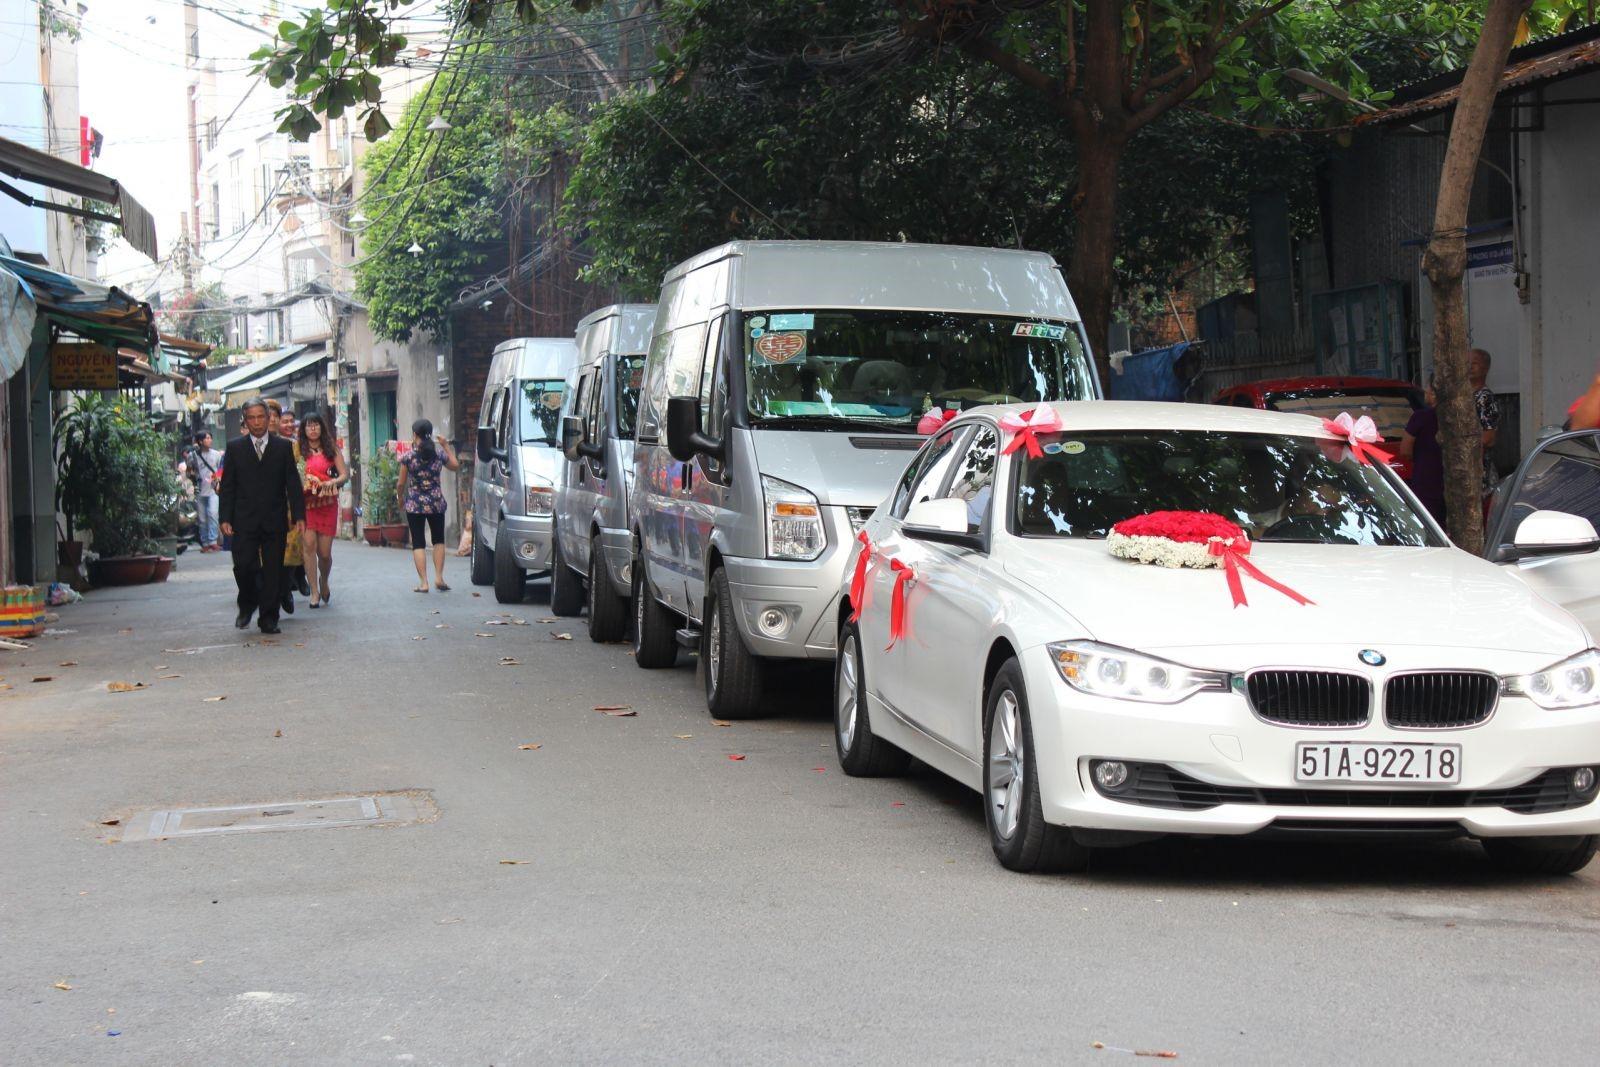 thuê xe du lịch ảnh 6 - Dịch vụ cho Thuê xe Ô tô 4c, 7c, 16c uy tính và giá cả hợp lý